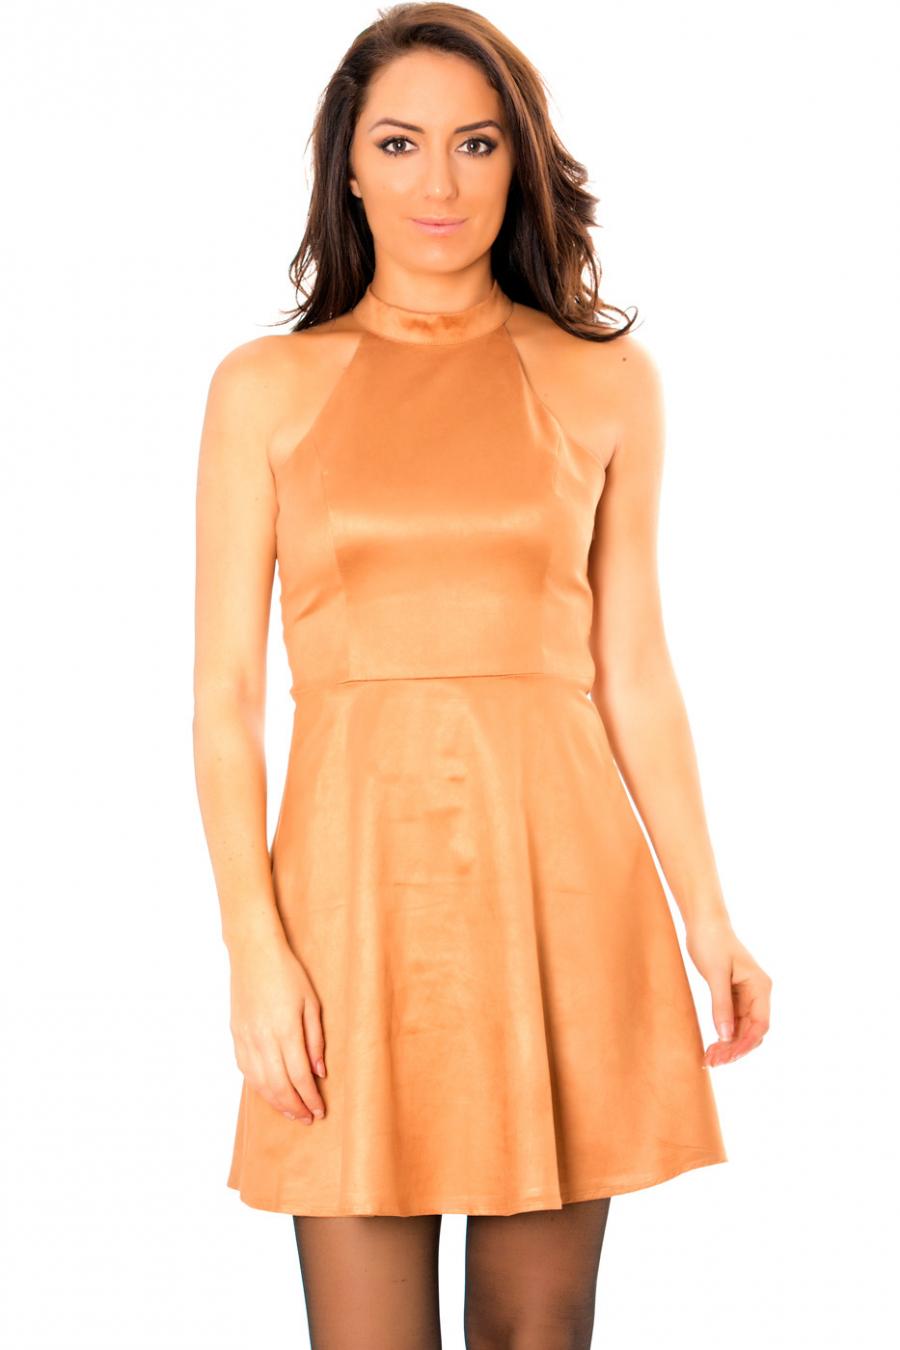 Sublime robe patineuse camel style suédine avec dos à lacets croisés. E3071.